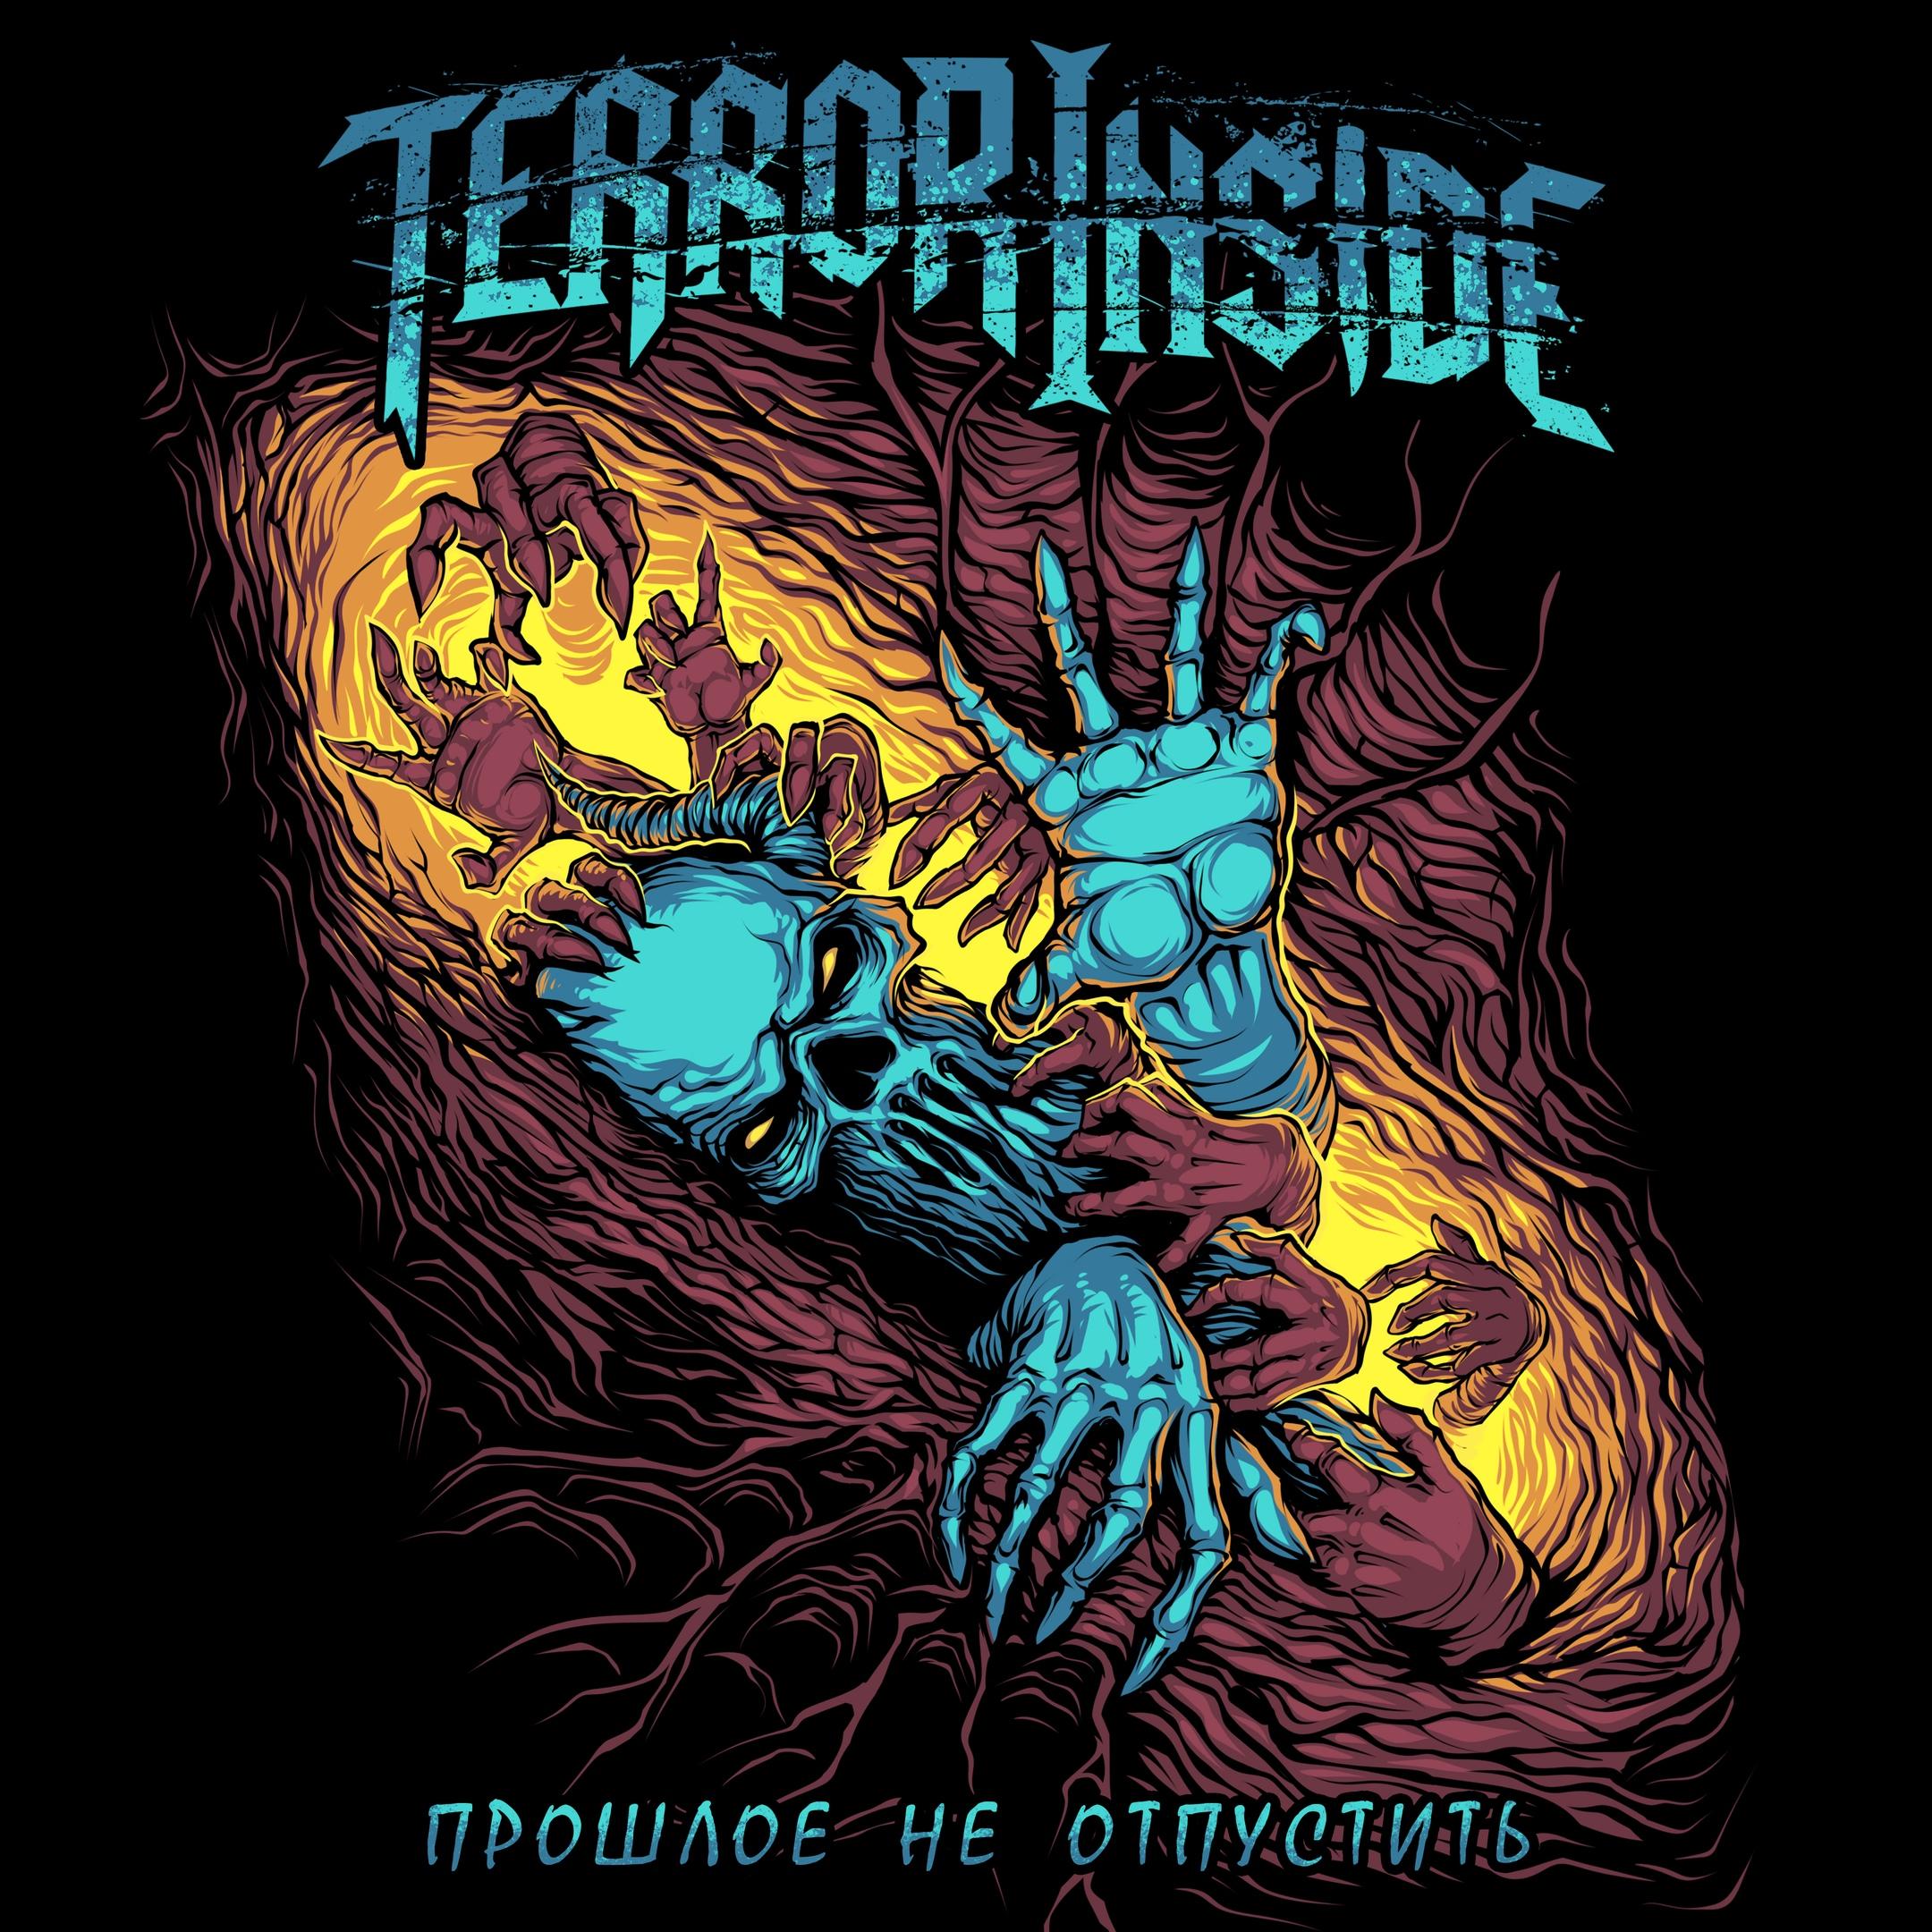 TERROR INSIDE - Прошлое не отпустить [EP] (2020)